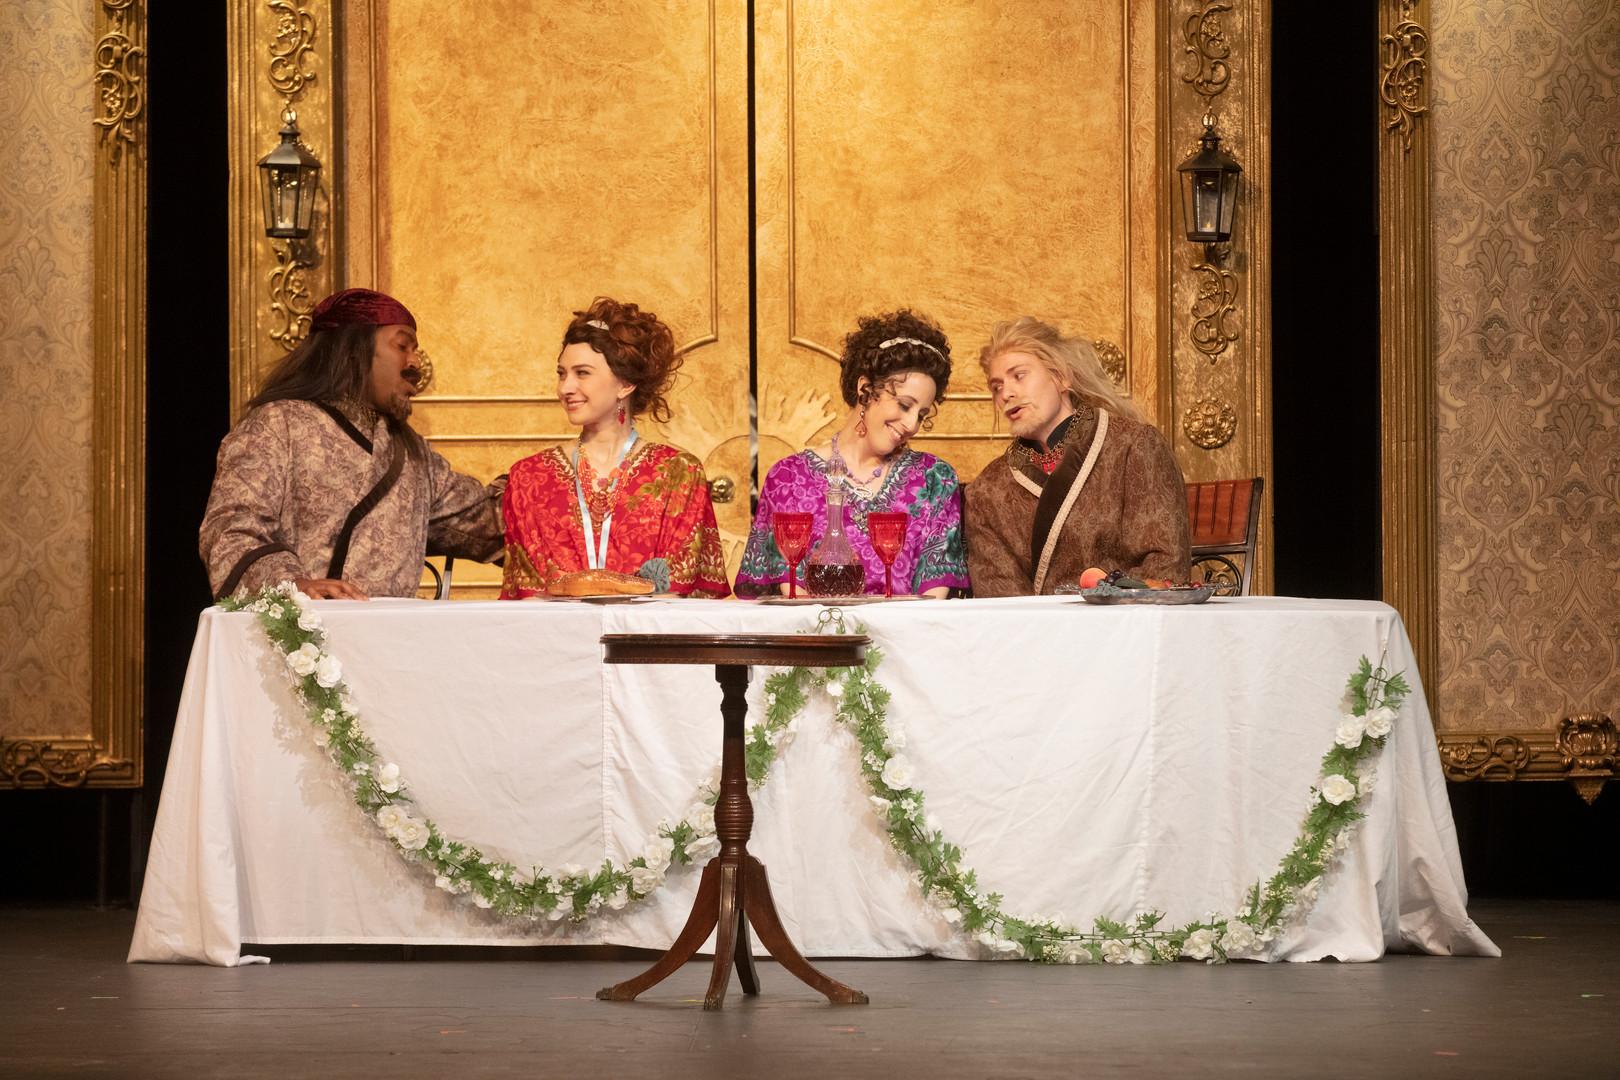 Così fan tutte, Act 2 Finale Fargo-Moorhead Opera March 2019